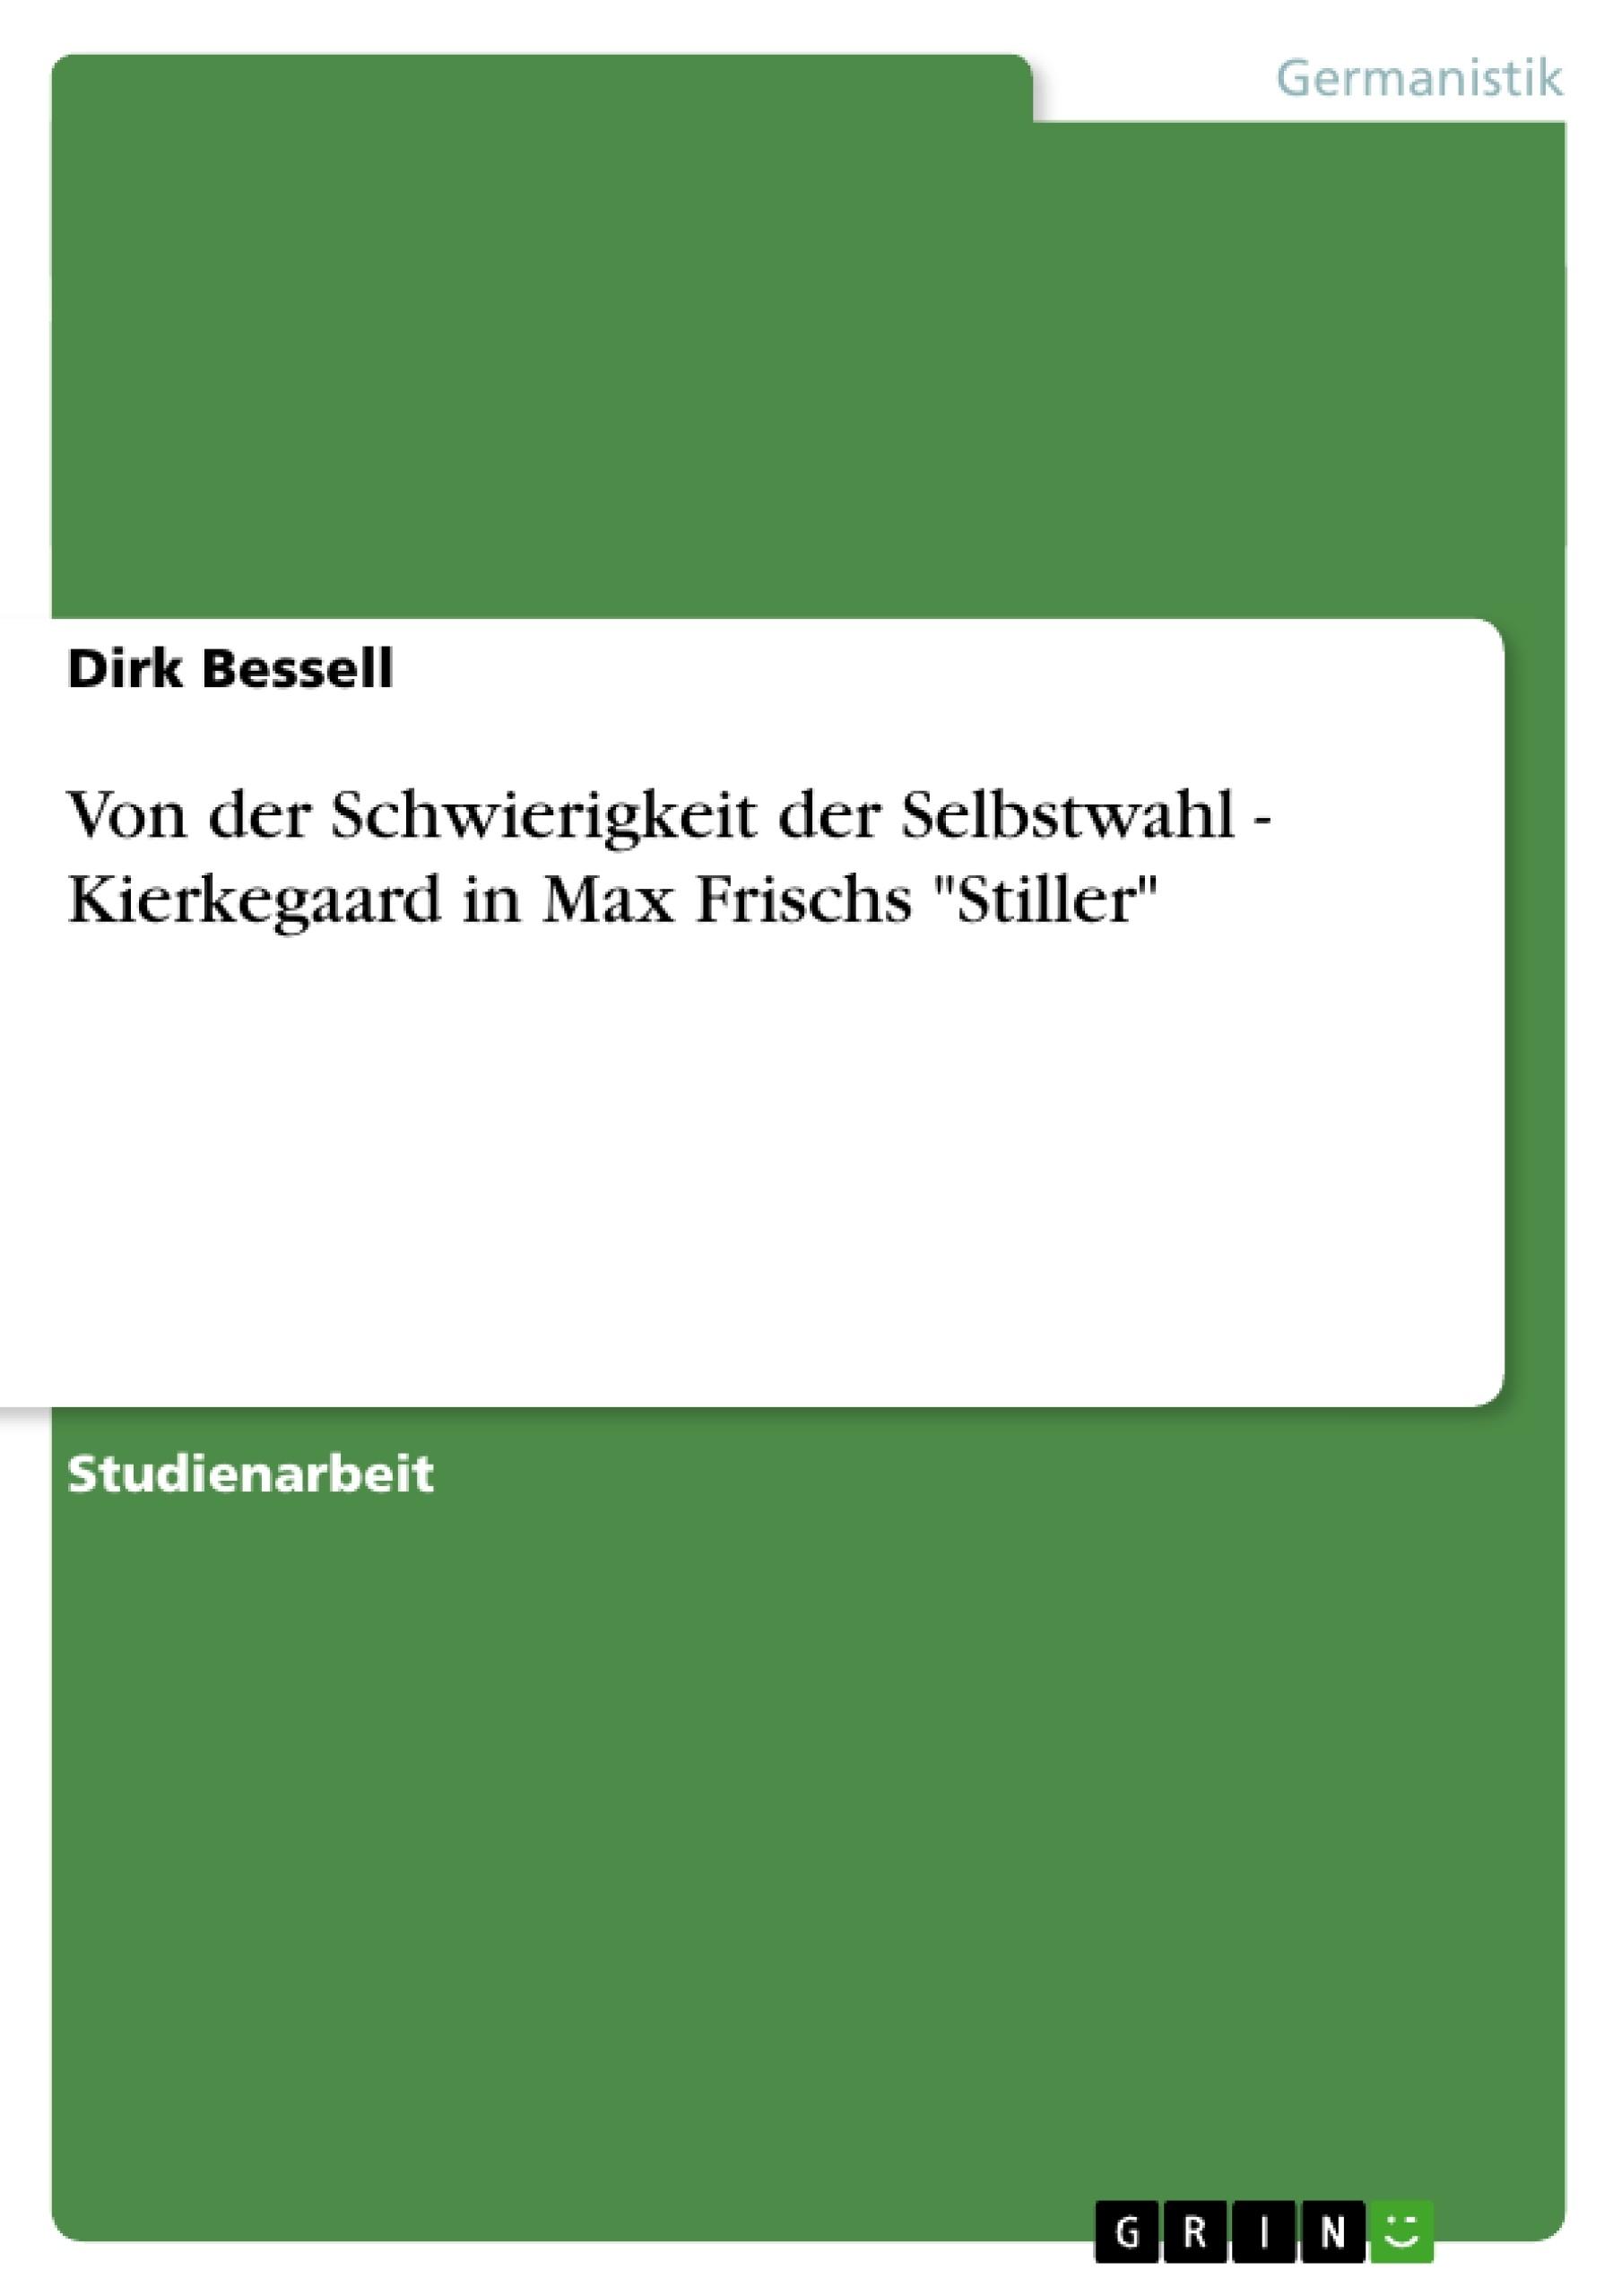 """Titel: Von der Schwierigkeit der Selbstwahl - Kierkegaard in Max Frischs """"Stiller"""""""